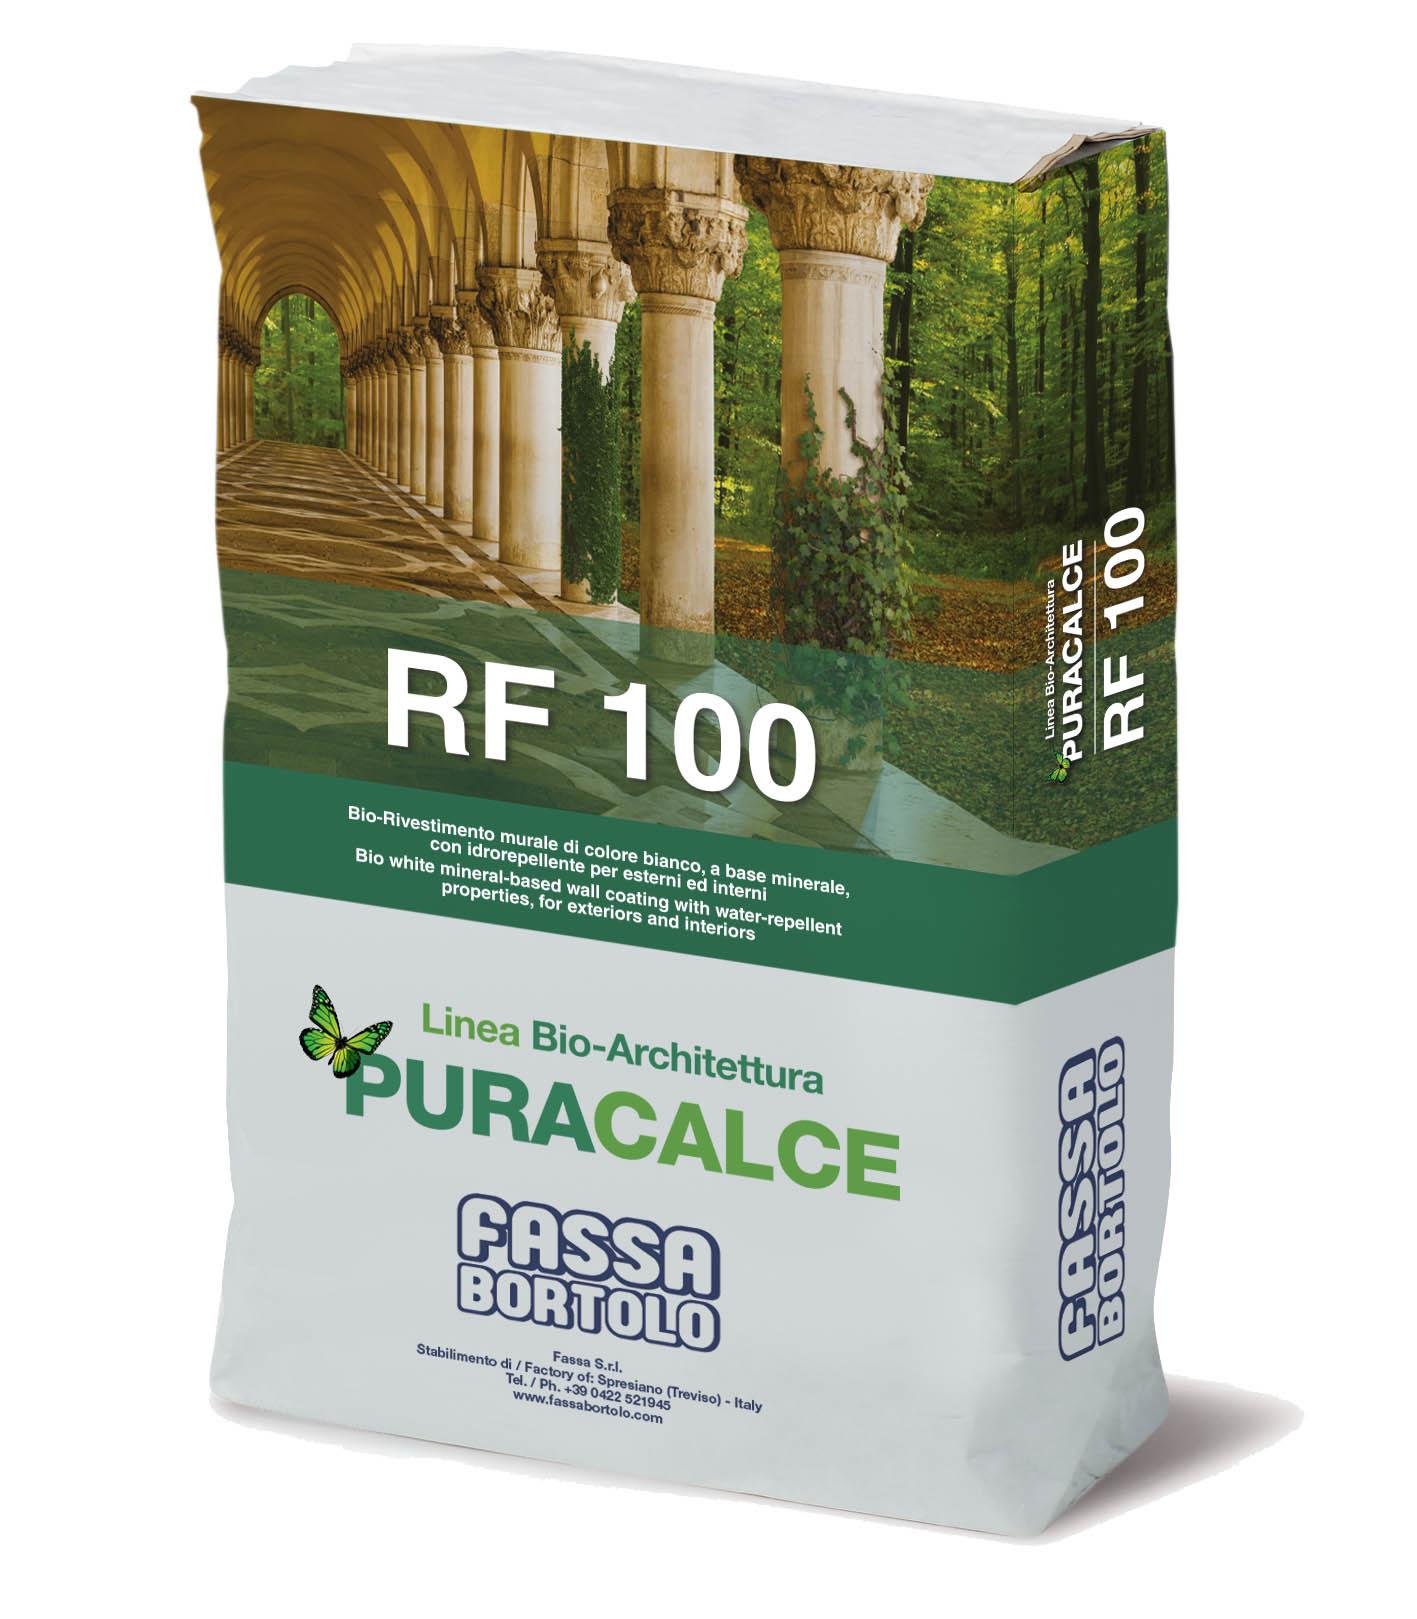 RF 100: Bio-rivestimento murale bianco a base minerale ad effetto marmorino per esterni ed interni